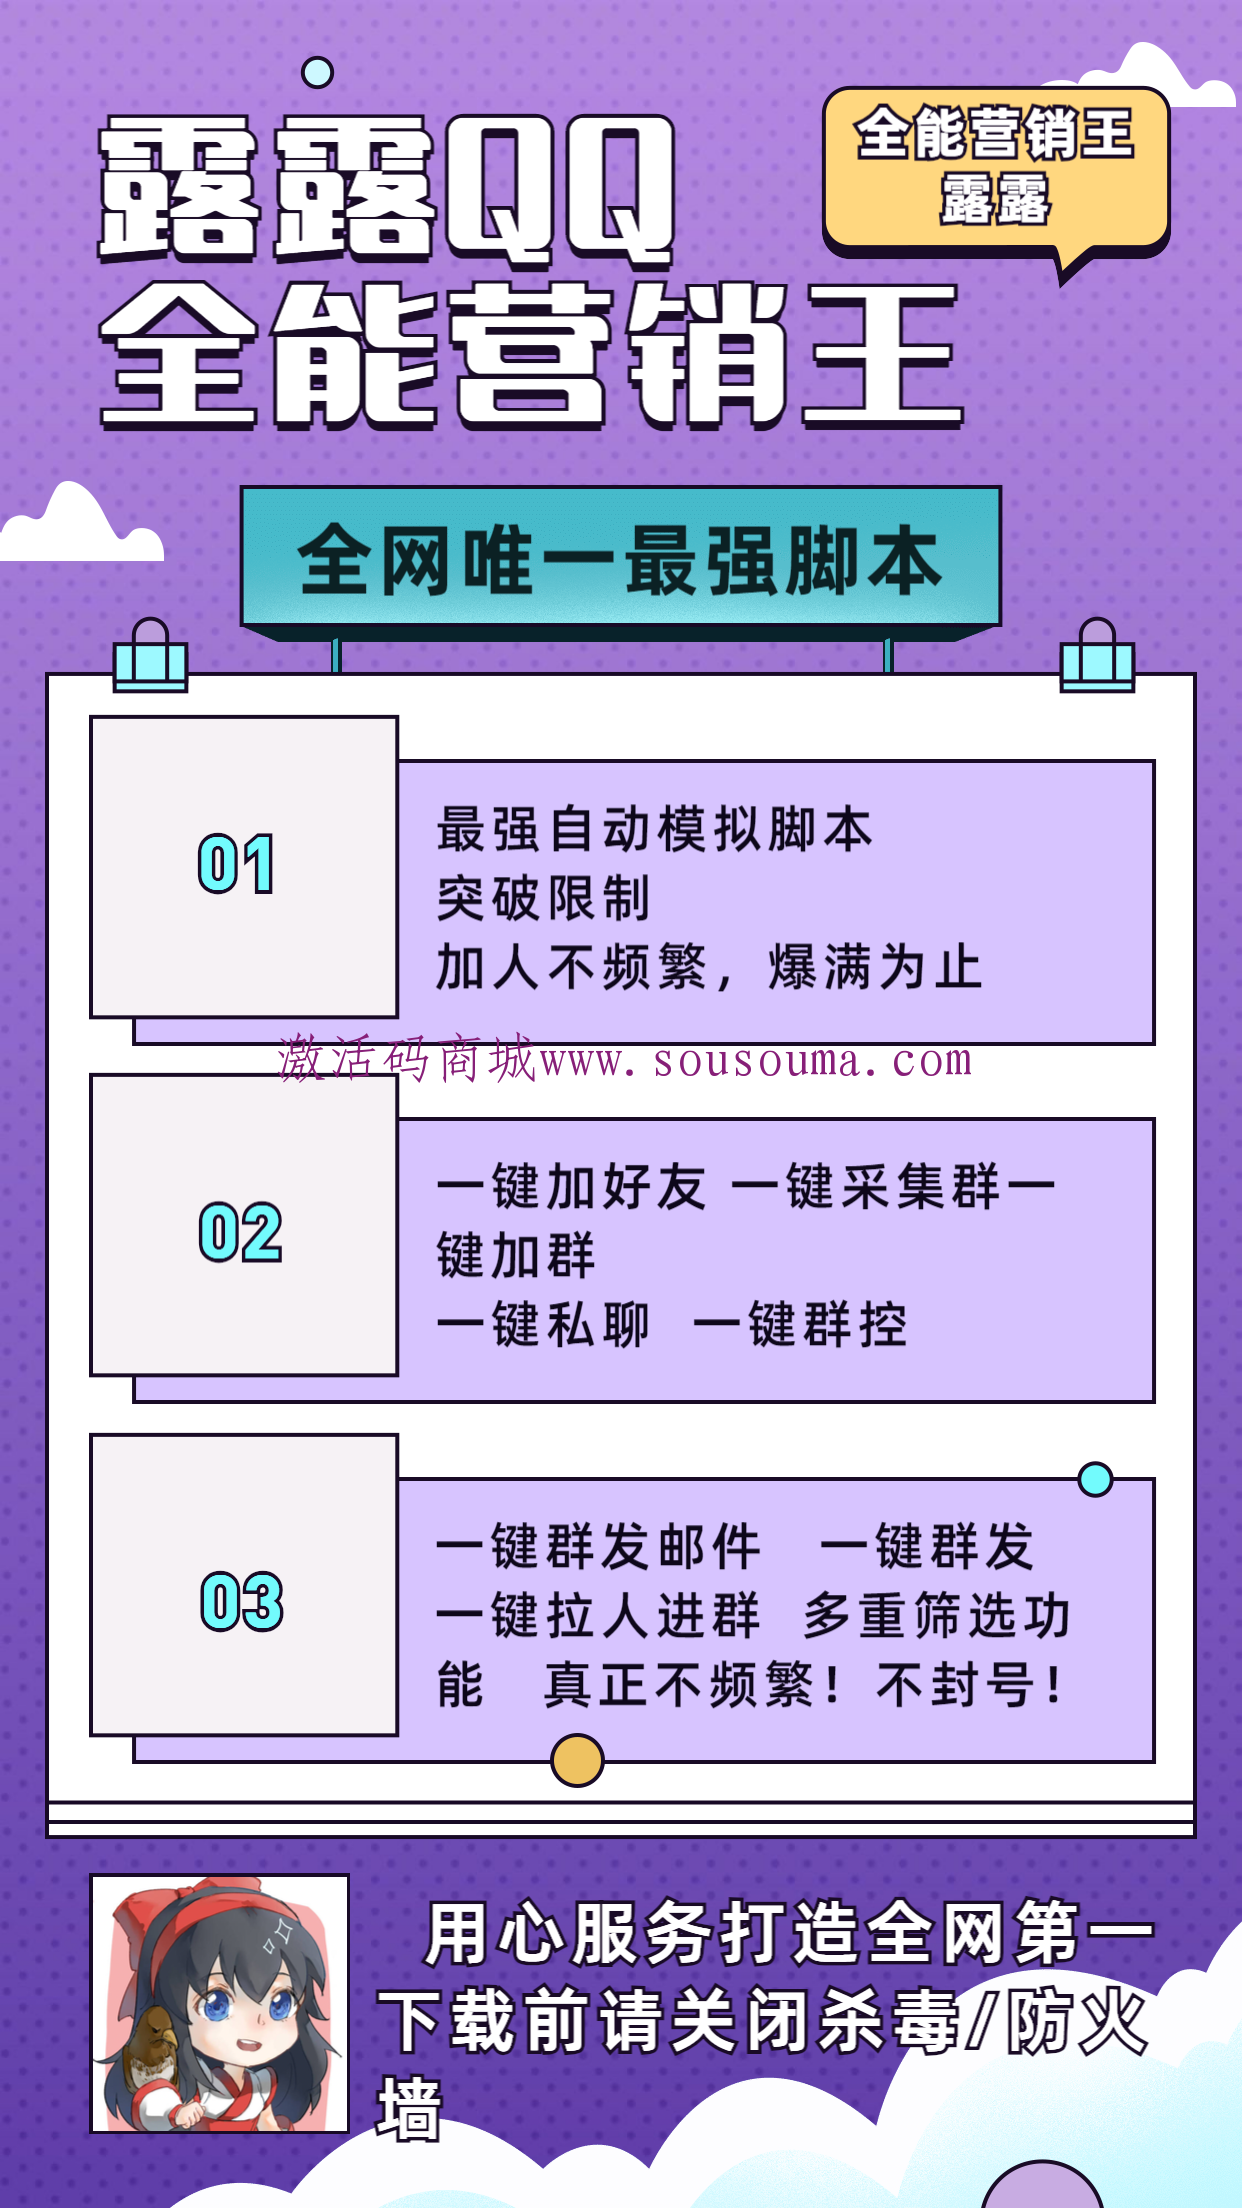 【露露QQ全能营销王官网】全网唯一一款全能QQ营销多功能产品!